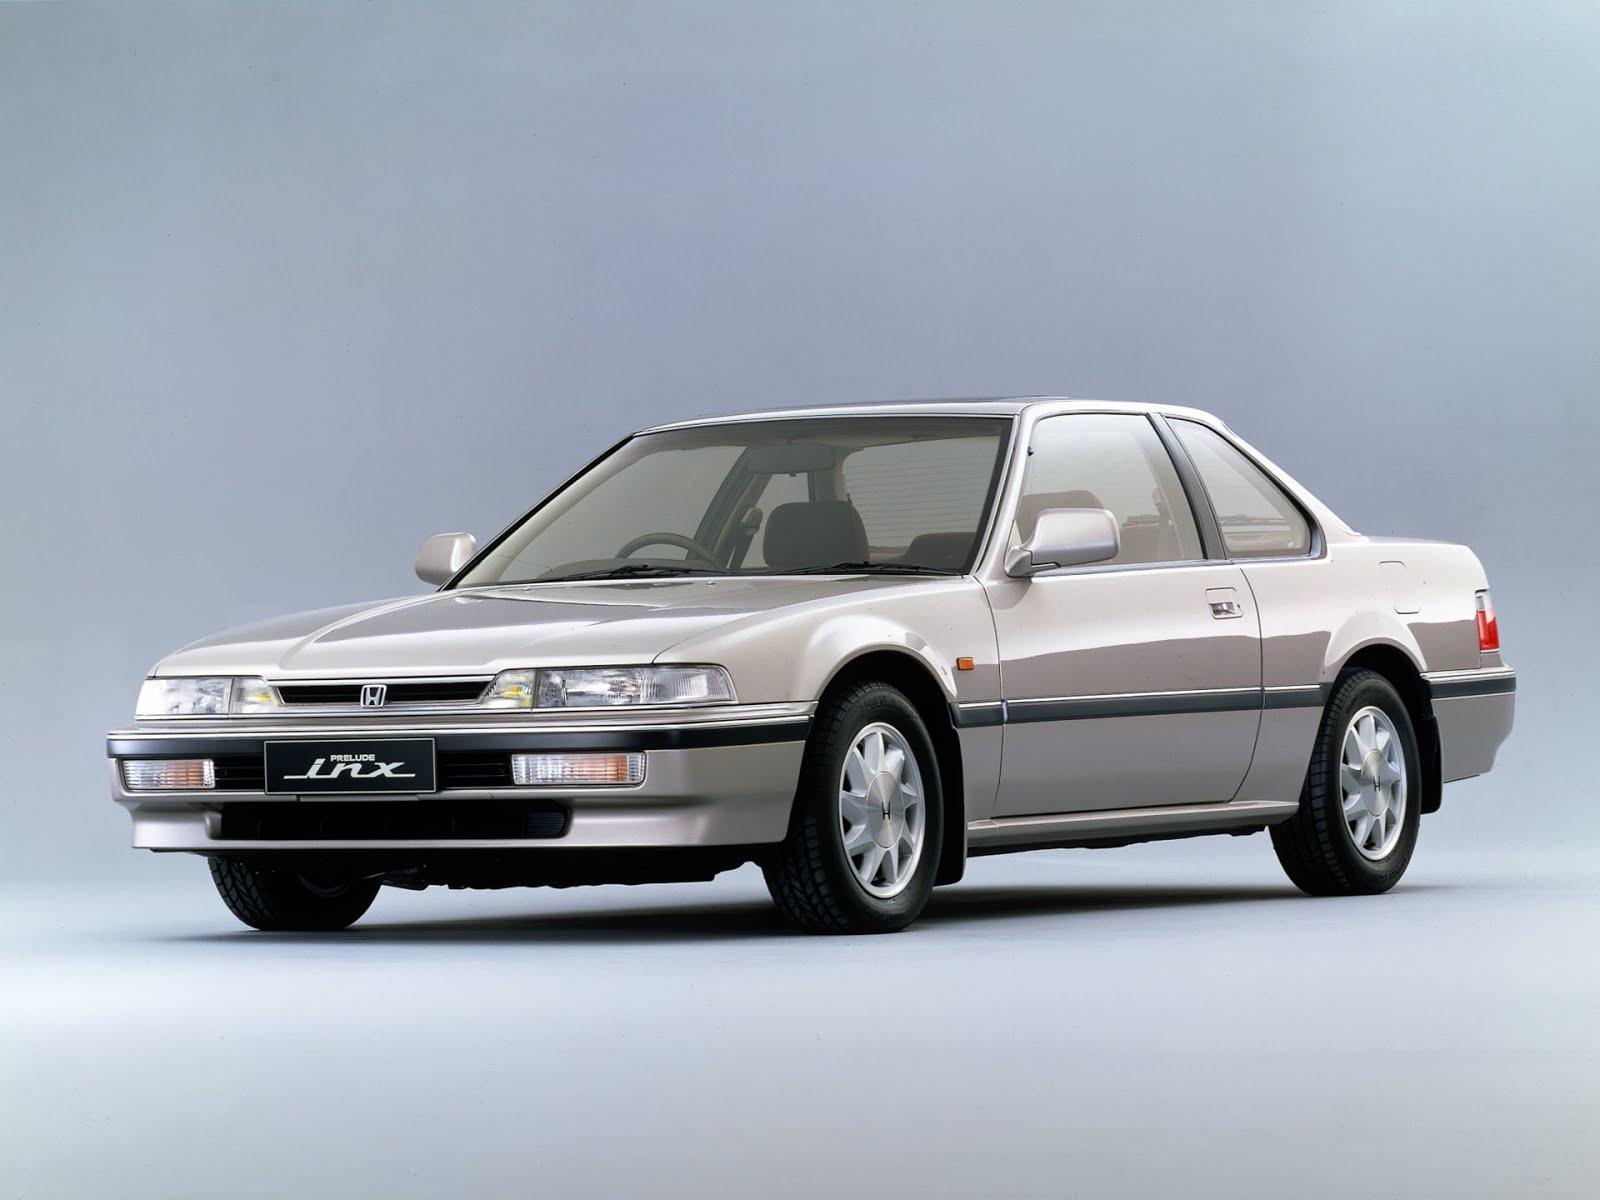 Honda Prelude Inx Si on 1991 Honda Prelude White